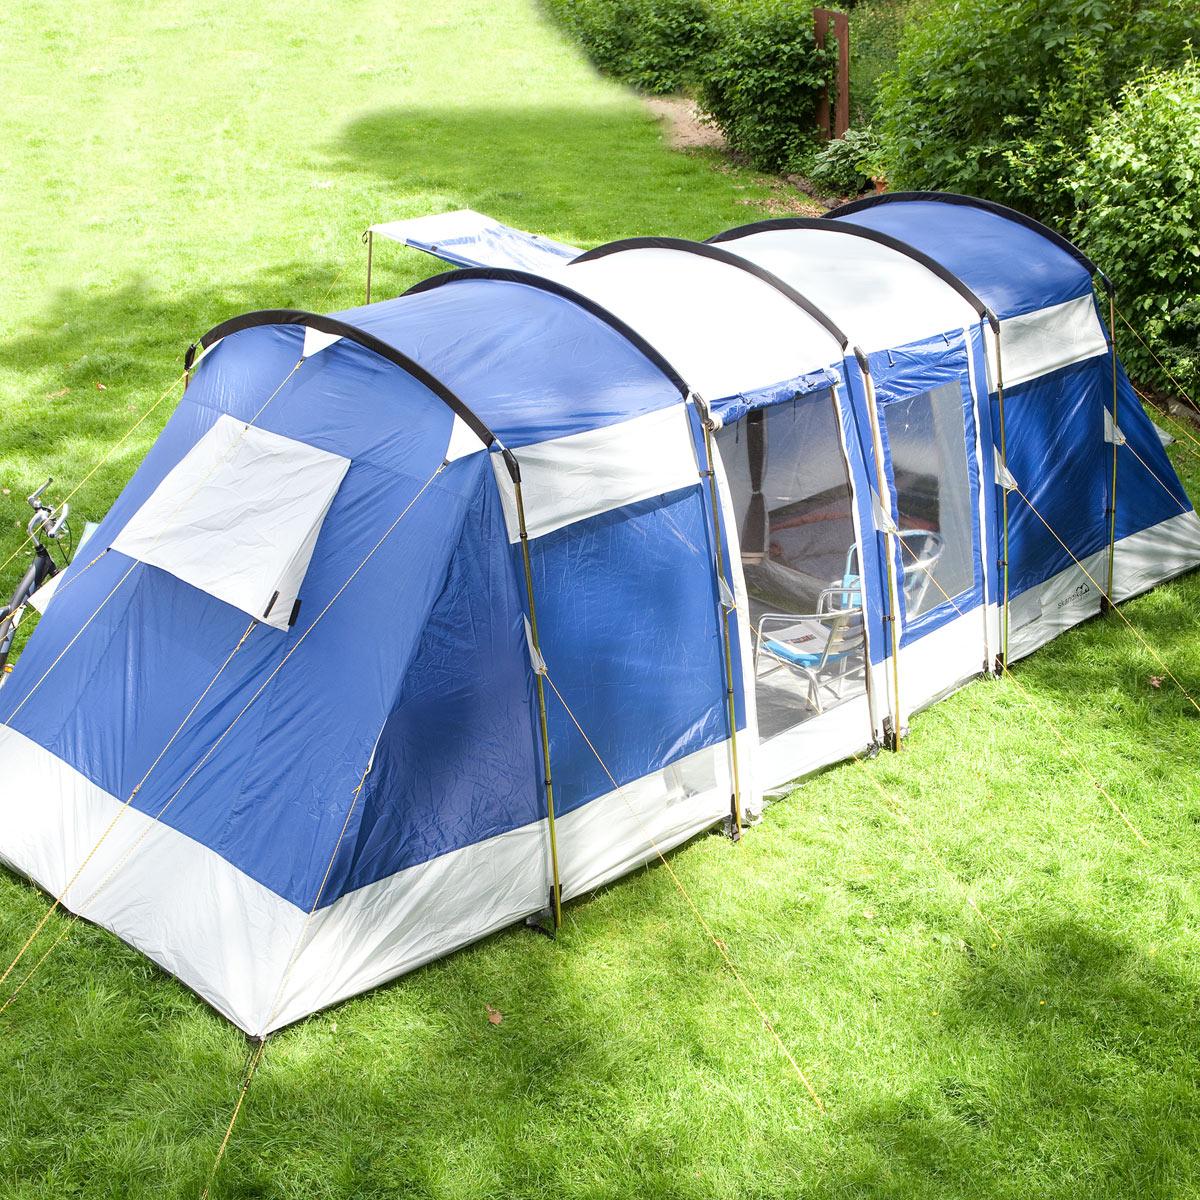 Camping Zelt 8 Mann : Skandika montana personen camping zelt familienzelt